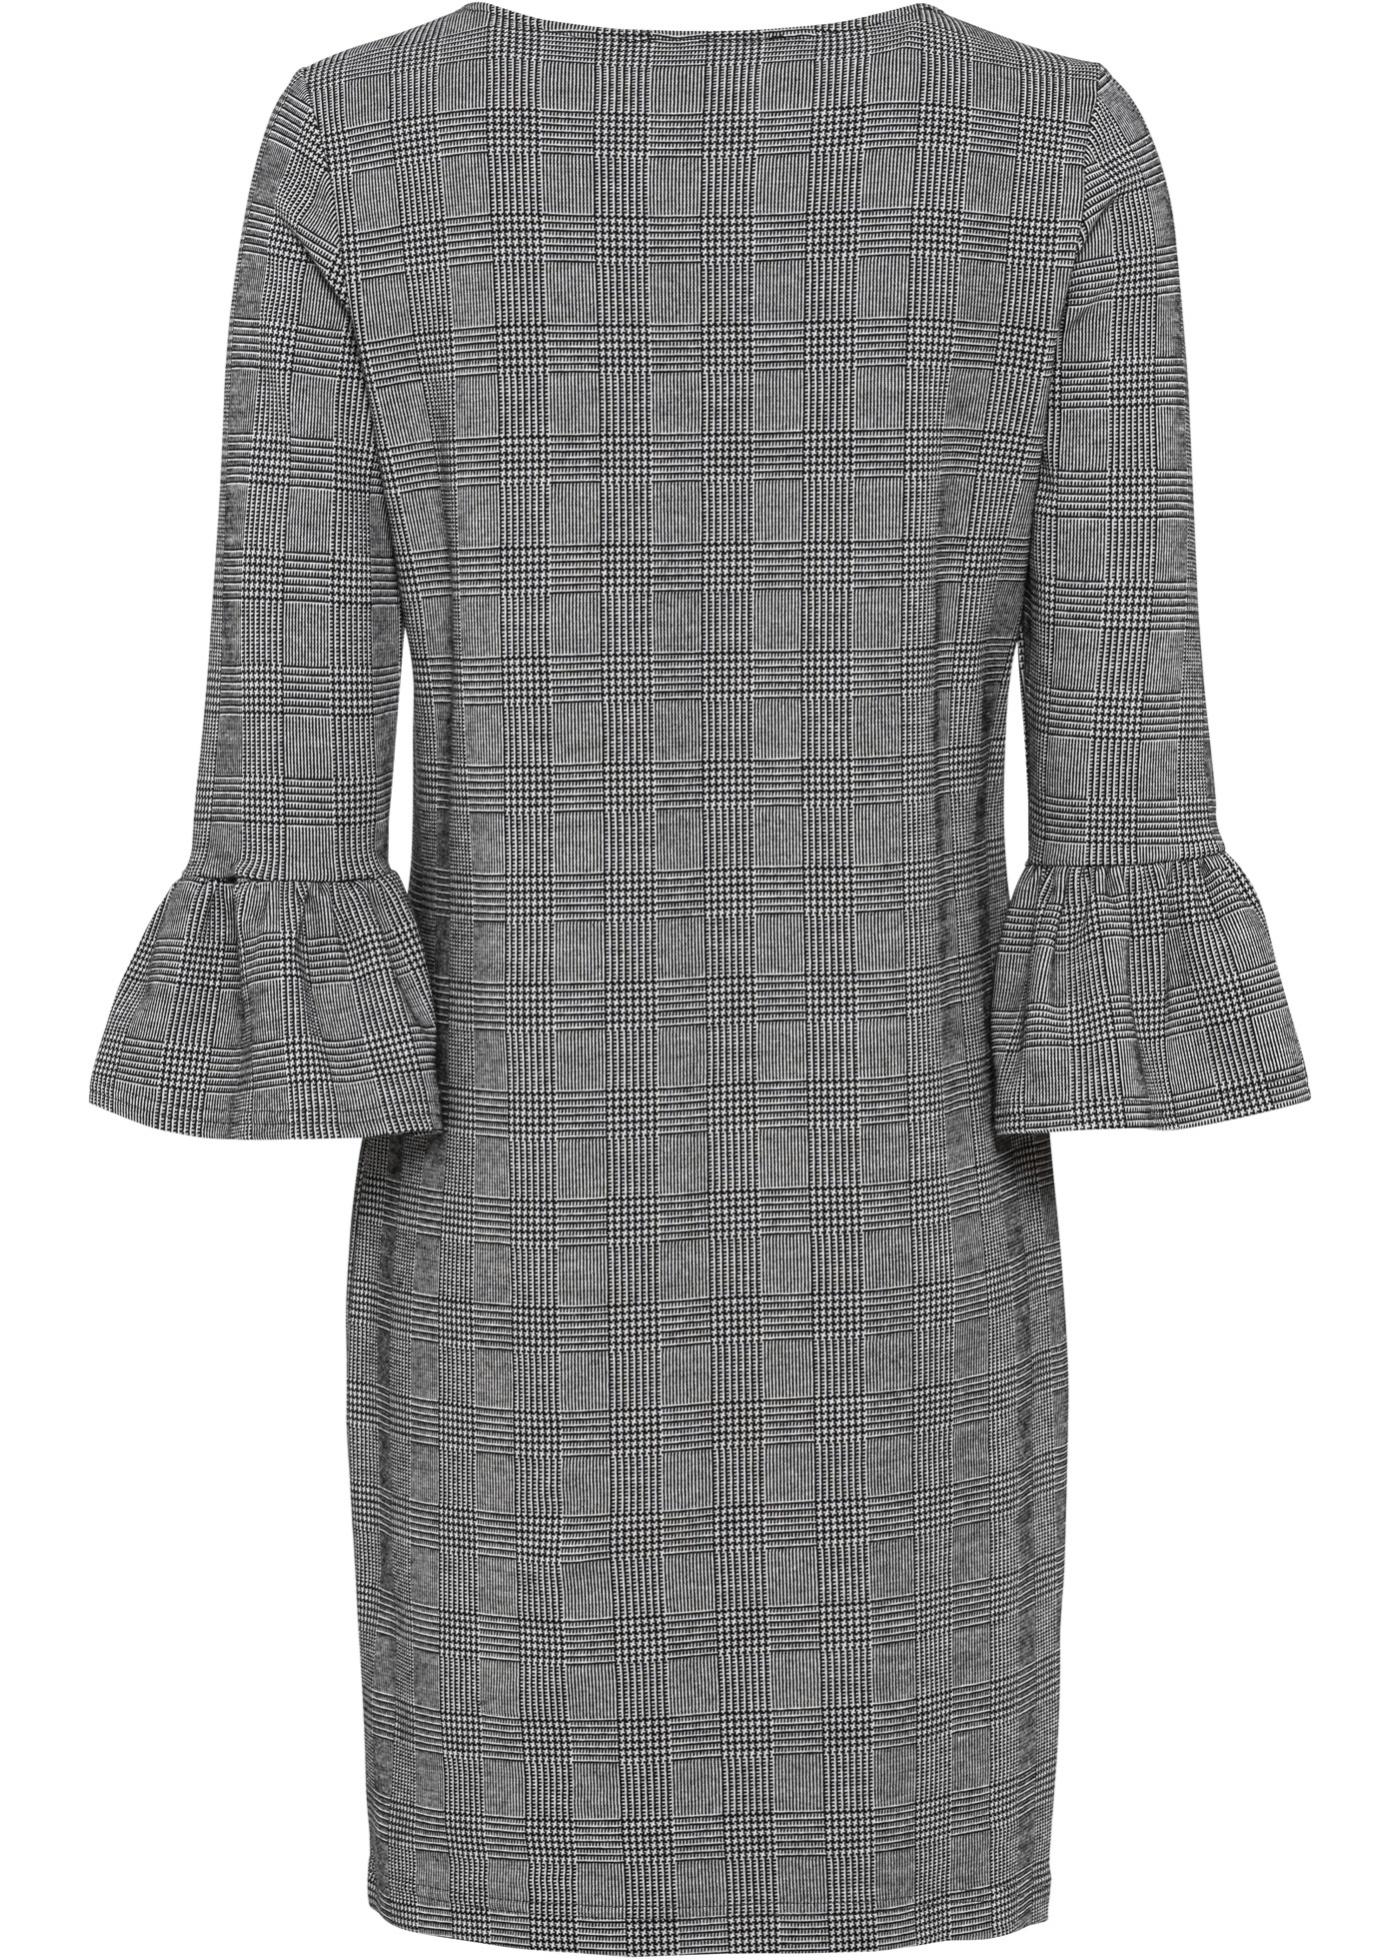 Jersey jurk met glencheck, Accentuerende jurk van zachte jersey met een trendy ruitpatroon. De hals is versierd met een staafje. 3/4-mouwen met volant. Lengte in mt. 40/42 ca. 98 cm.Extra gegevens:Merk: bonprixVoorraad: In StockVerzendkosten: 4.95Maat/Maten: 32/34,36/38Levertijd: 7 dagen